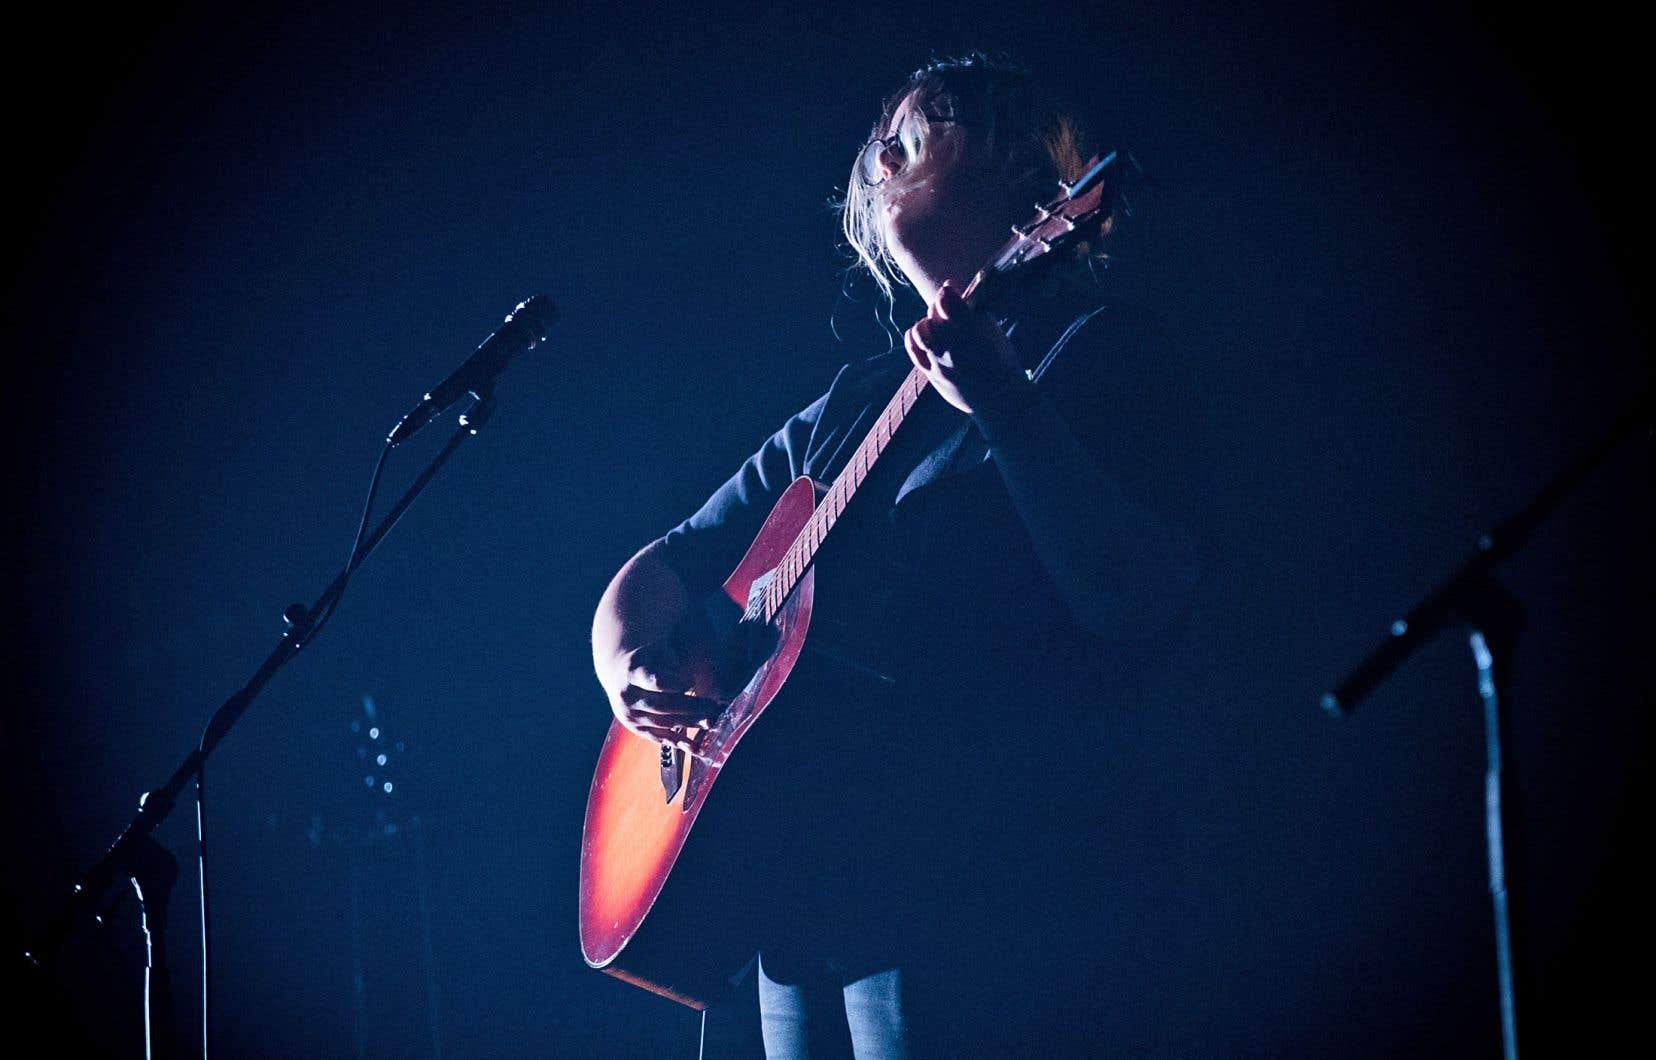 Le Festival international de la chanson de Granby a révélé de nombreux artistes, dont Safia Nolin.